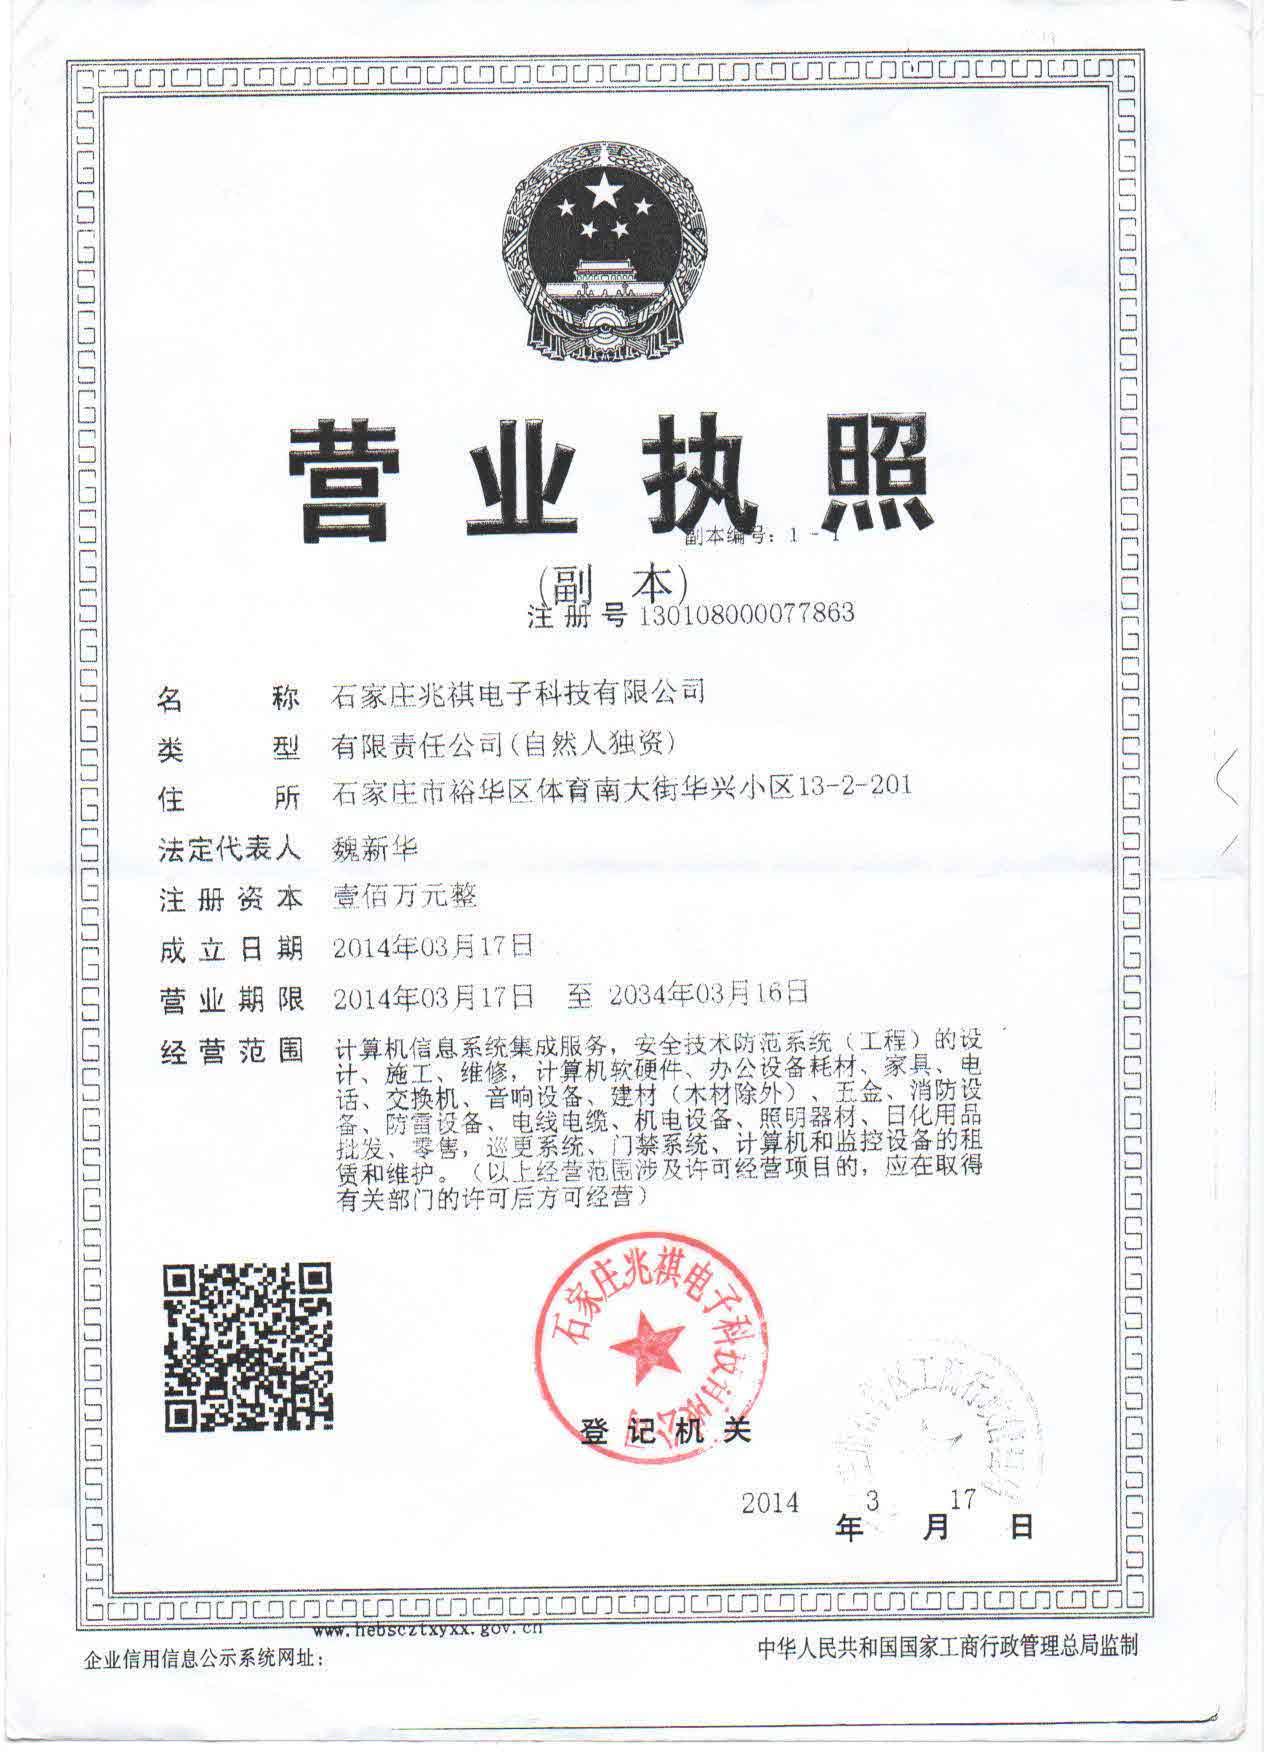 石家庄兆祺电子科技有限公司